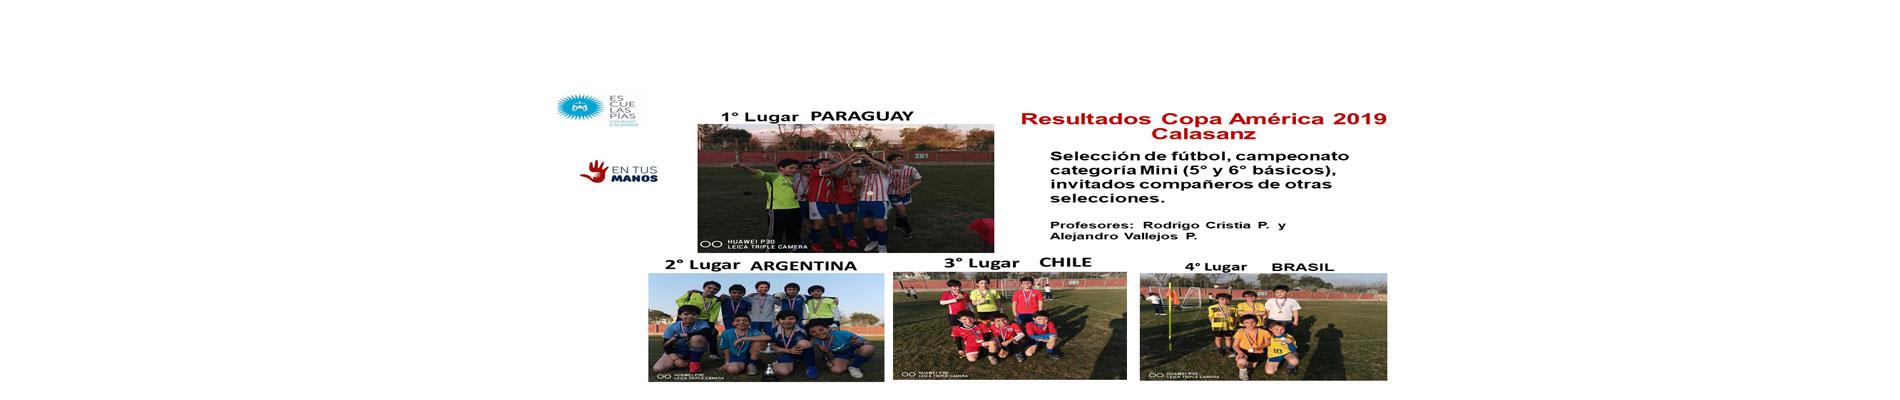 Campeonato Copa América 2019 Calasanz